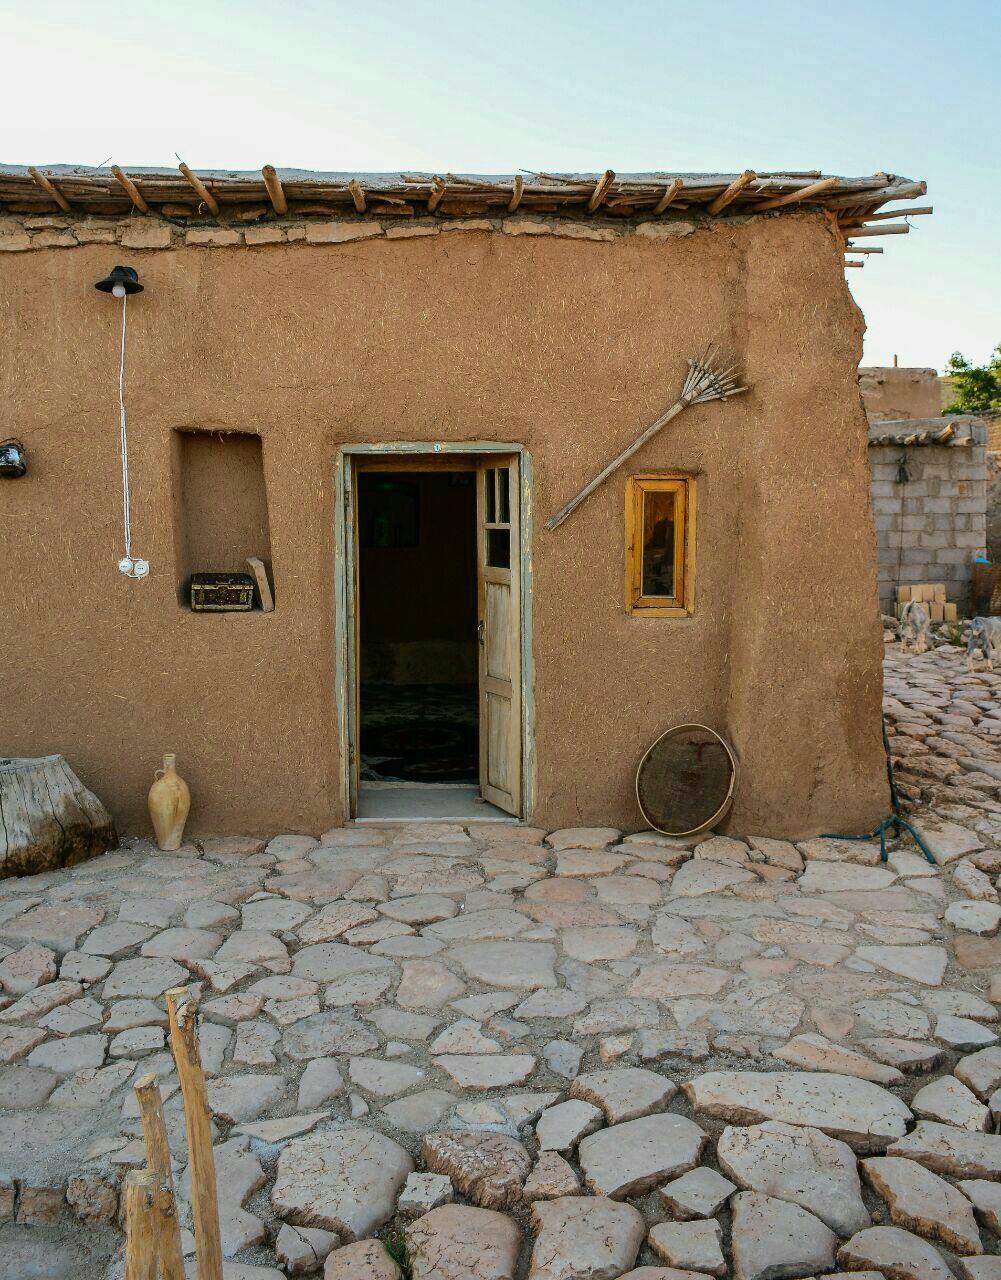 بوم گردی خانه سنتی در روستا قصر یعقوب - شش طاق